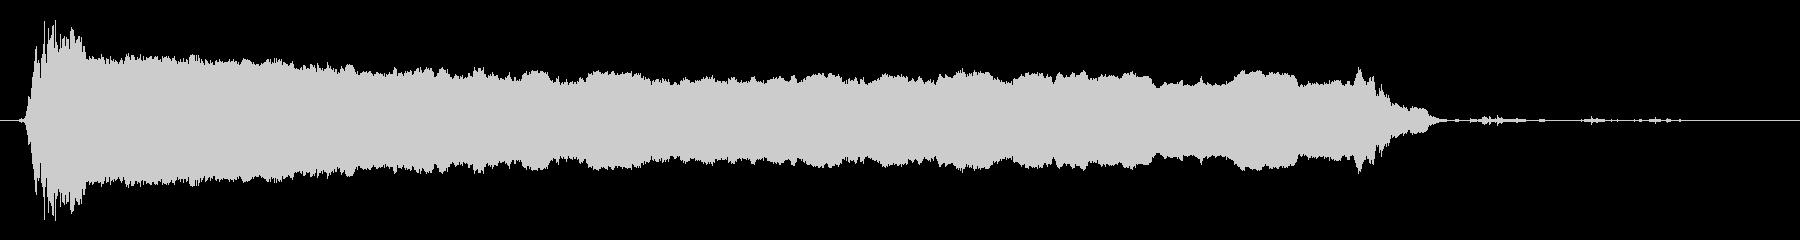 吹くパーティーの吹き消しホーン(長い)の未再生の波形